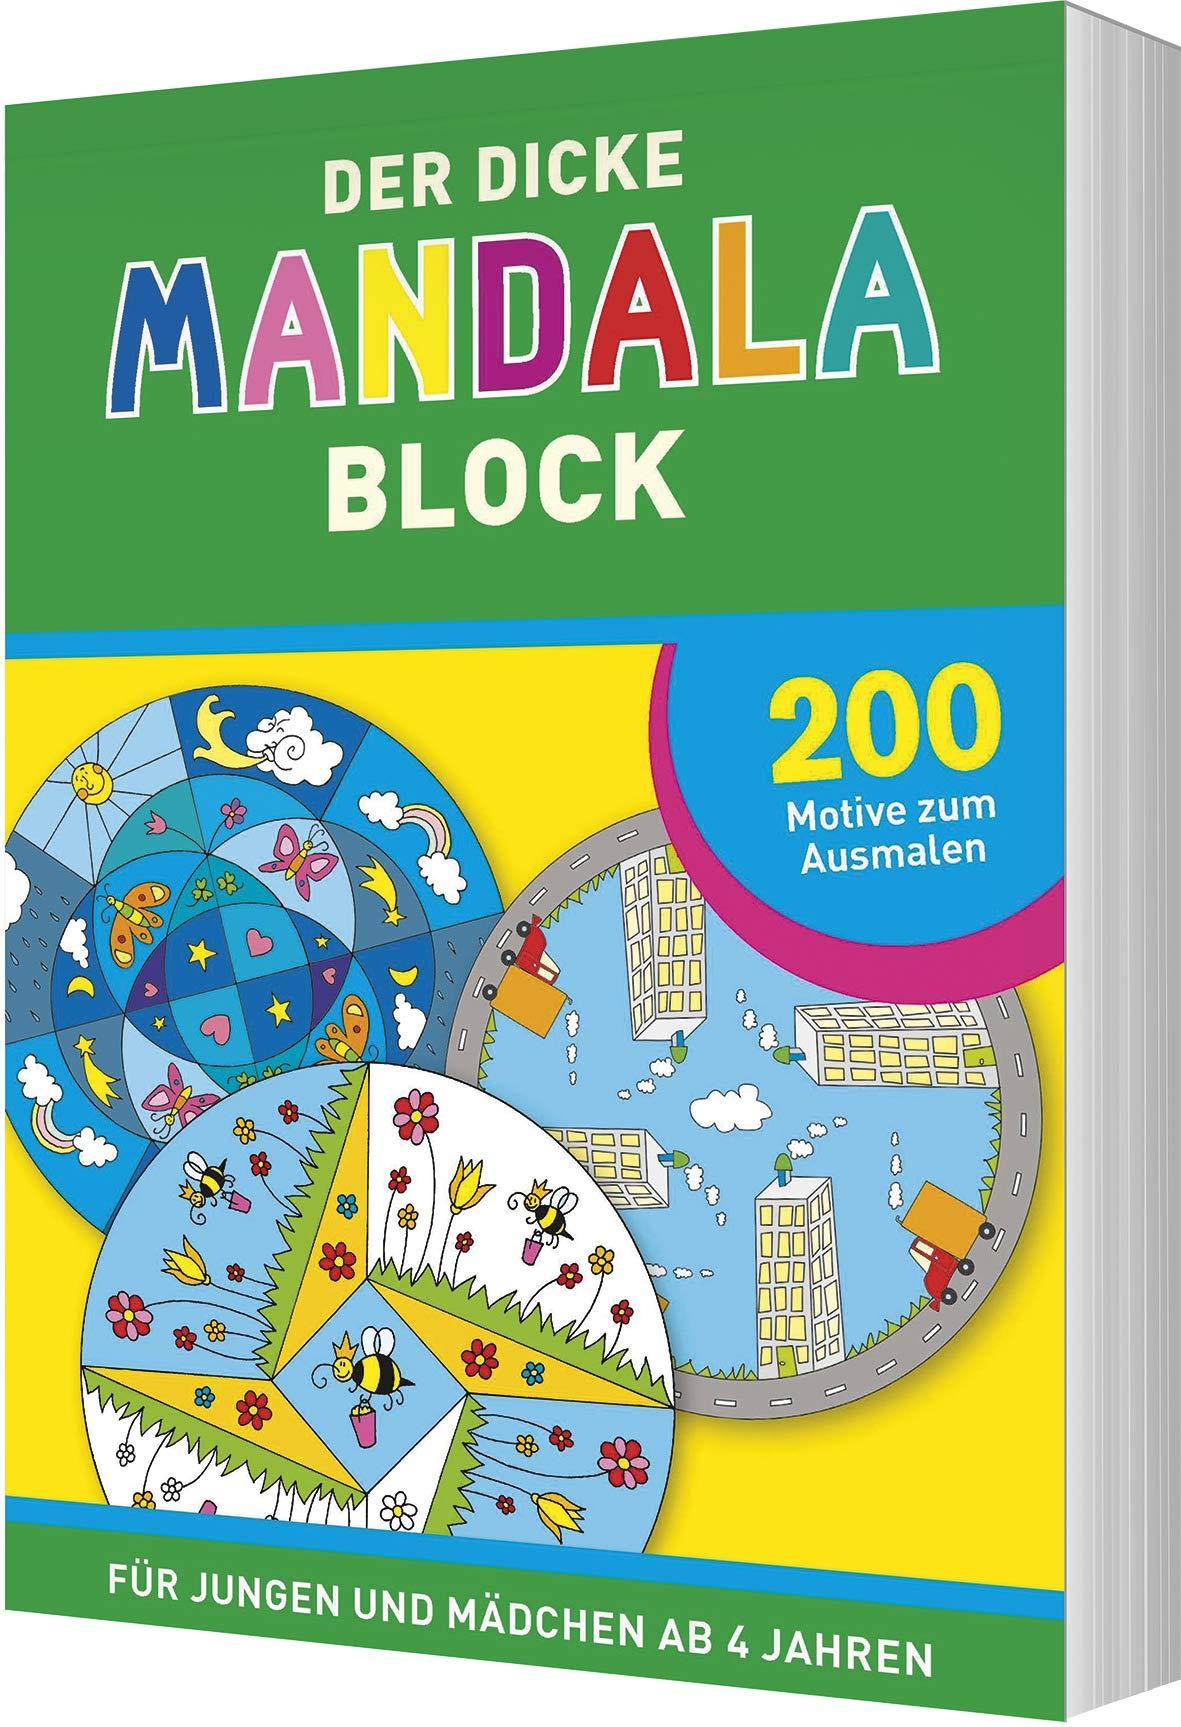 Der Dicke Mandala Block 200 Motive Zum Ausmalen Fur Jungen Und